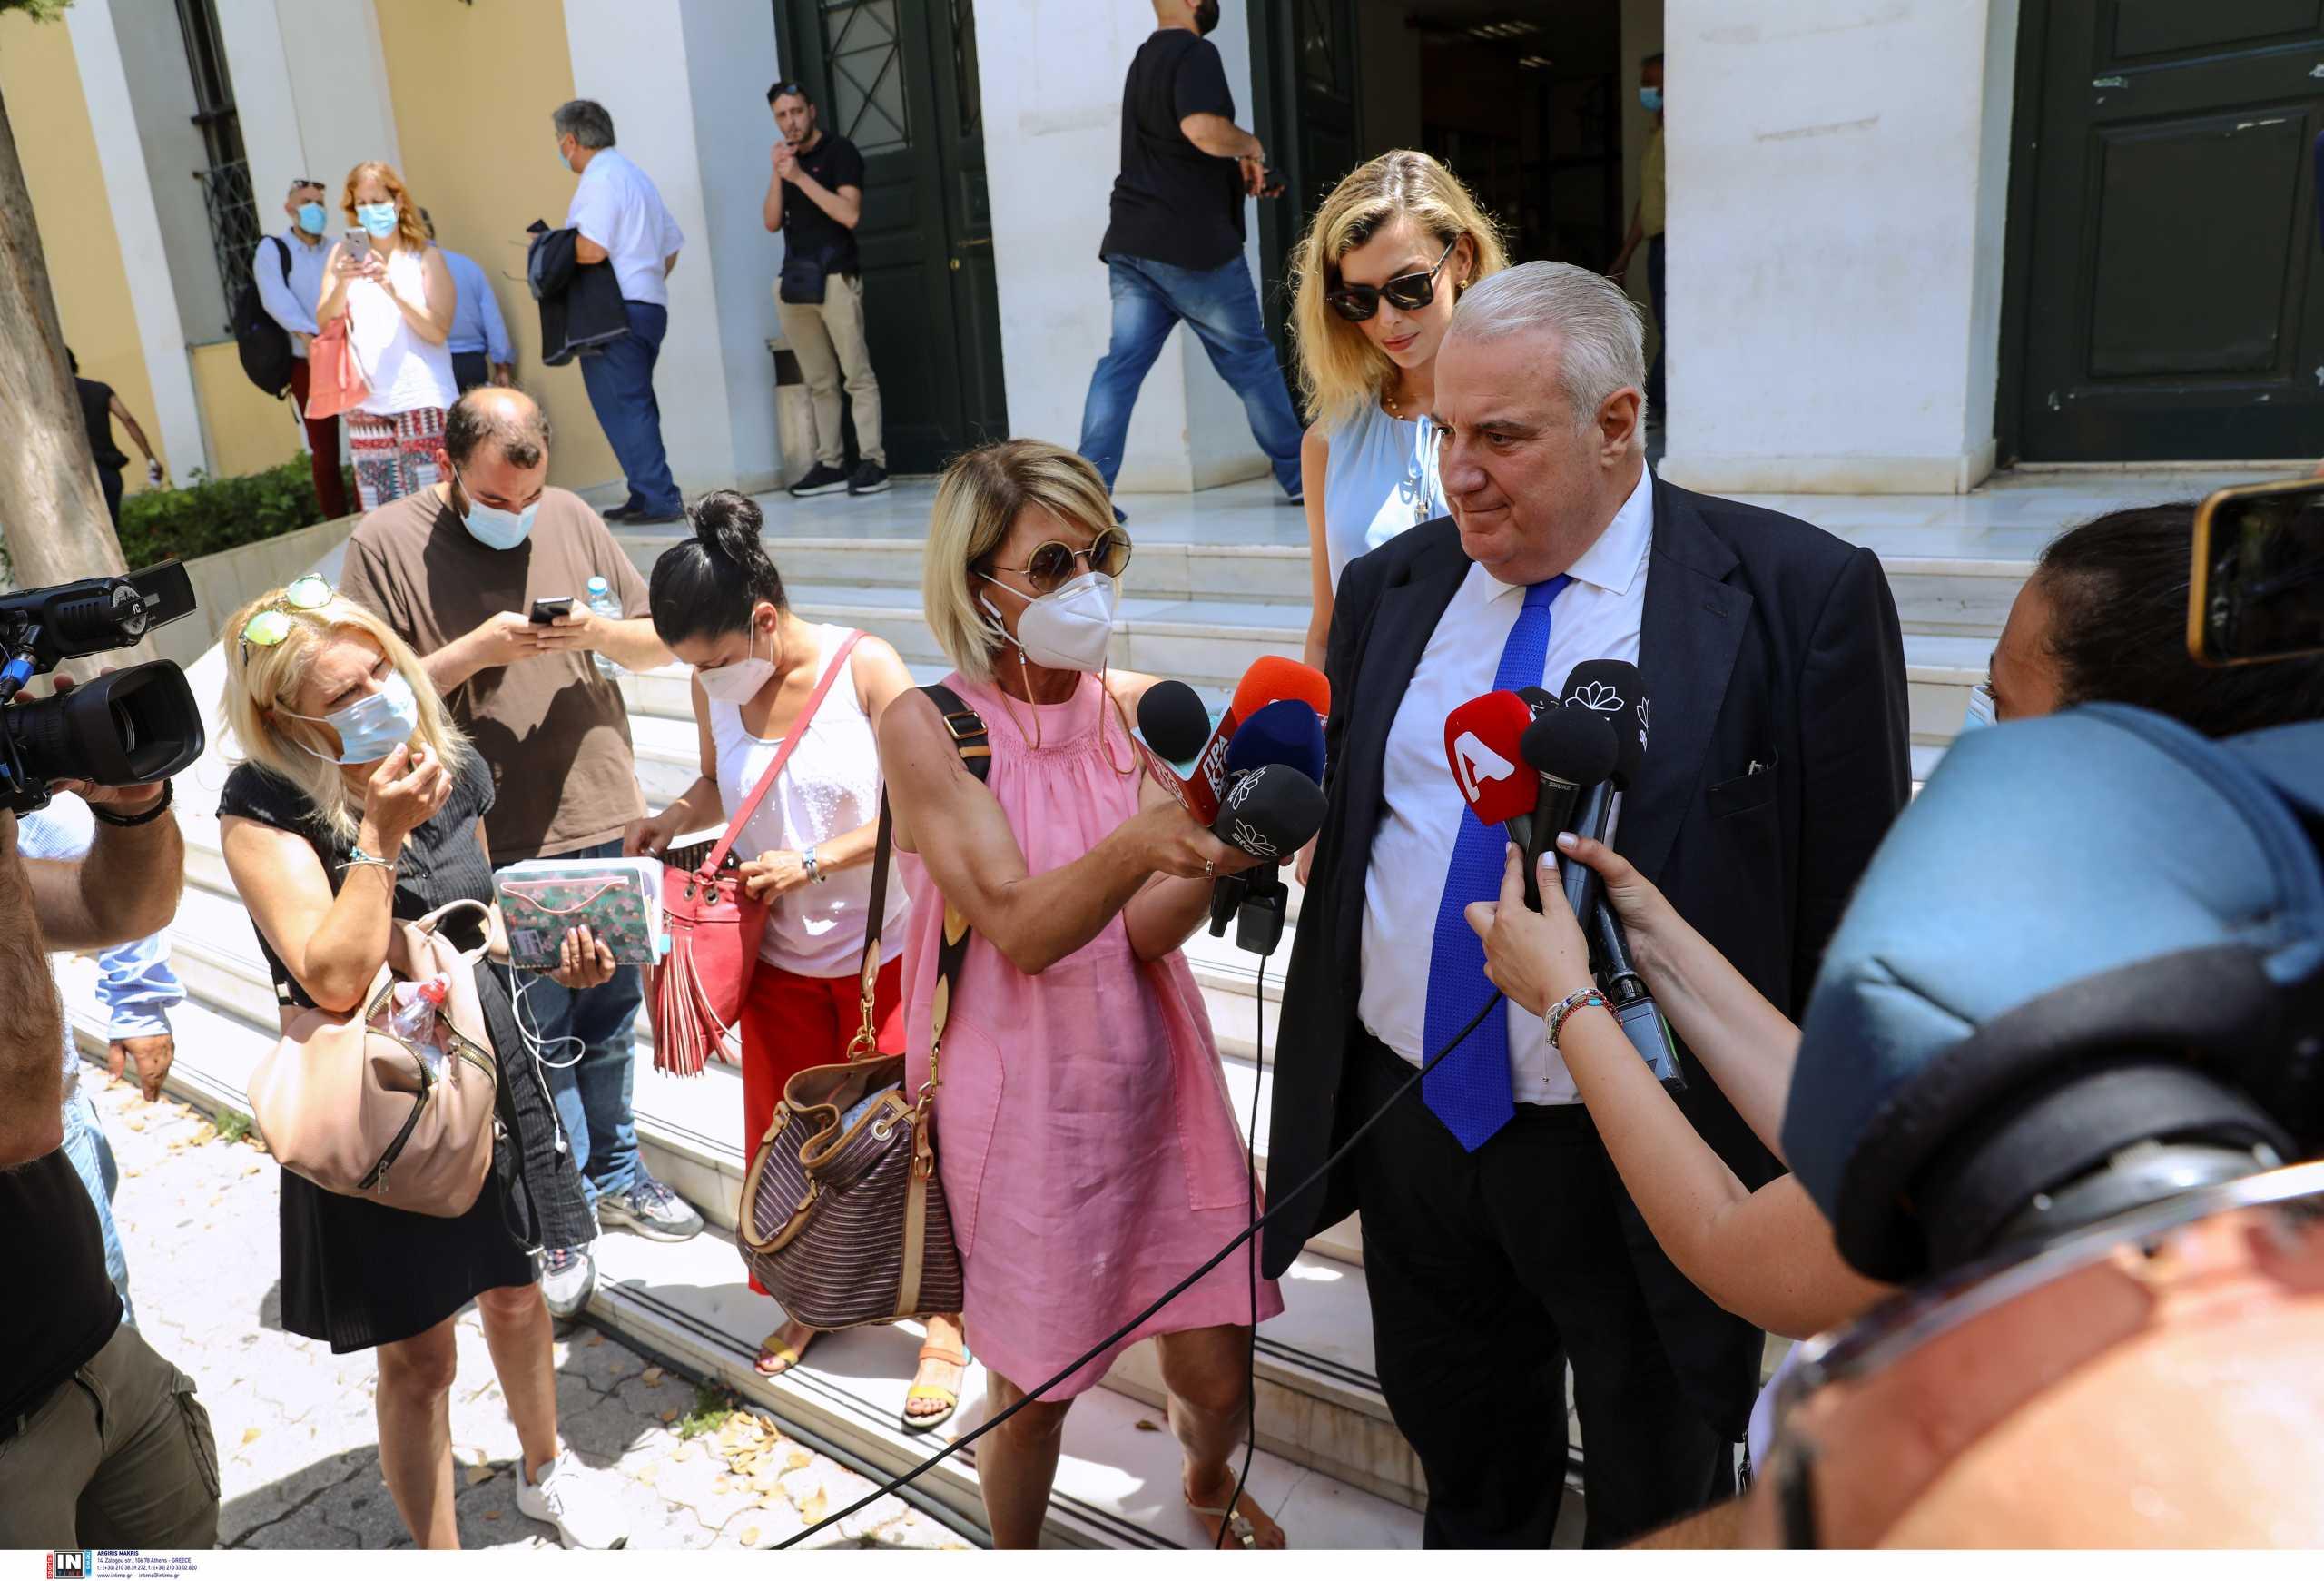 Κλοπή πίνακα Πικάσο: «Το επόμενο διάστημα θα υπάρξουν εξελίξεις» λέει ο δικηγόρος του κατηγορούμενου